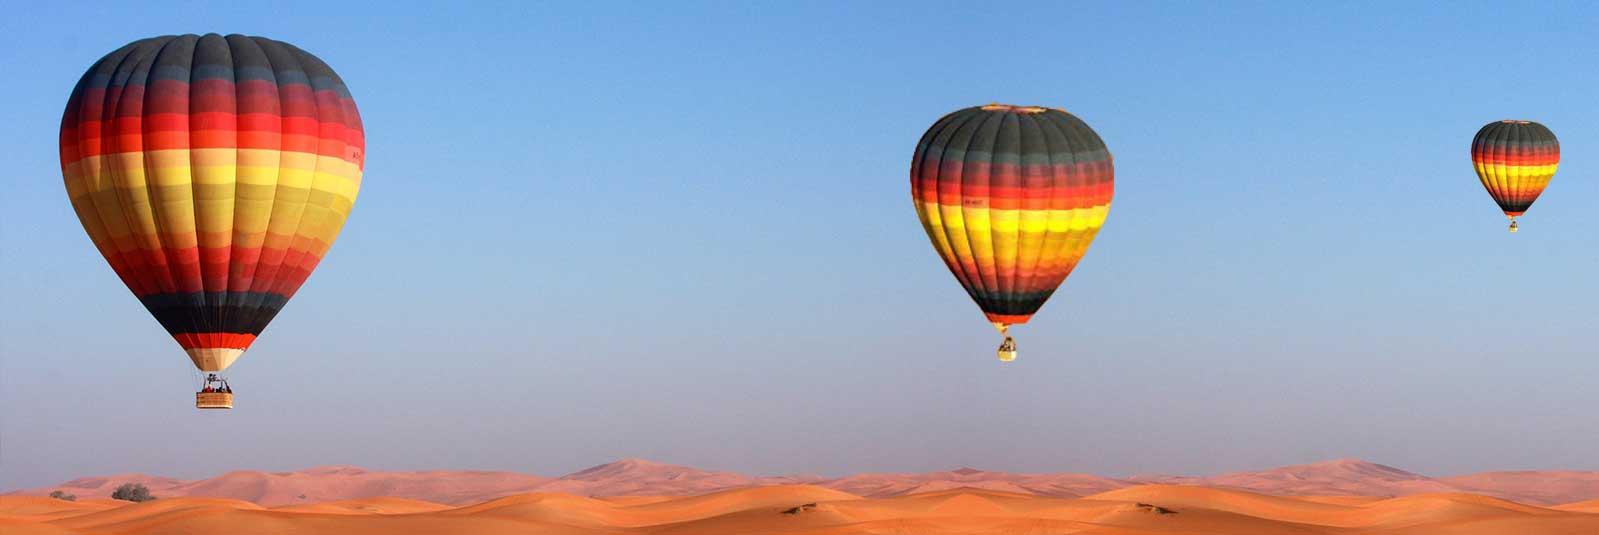 Air-Ballon-Riding